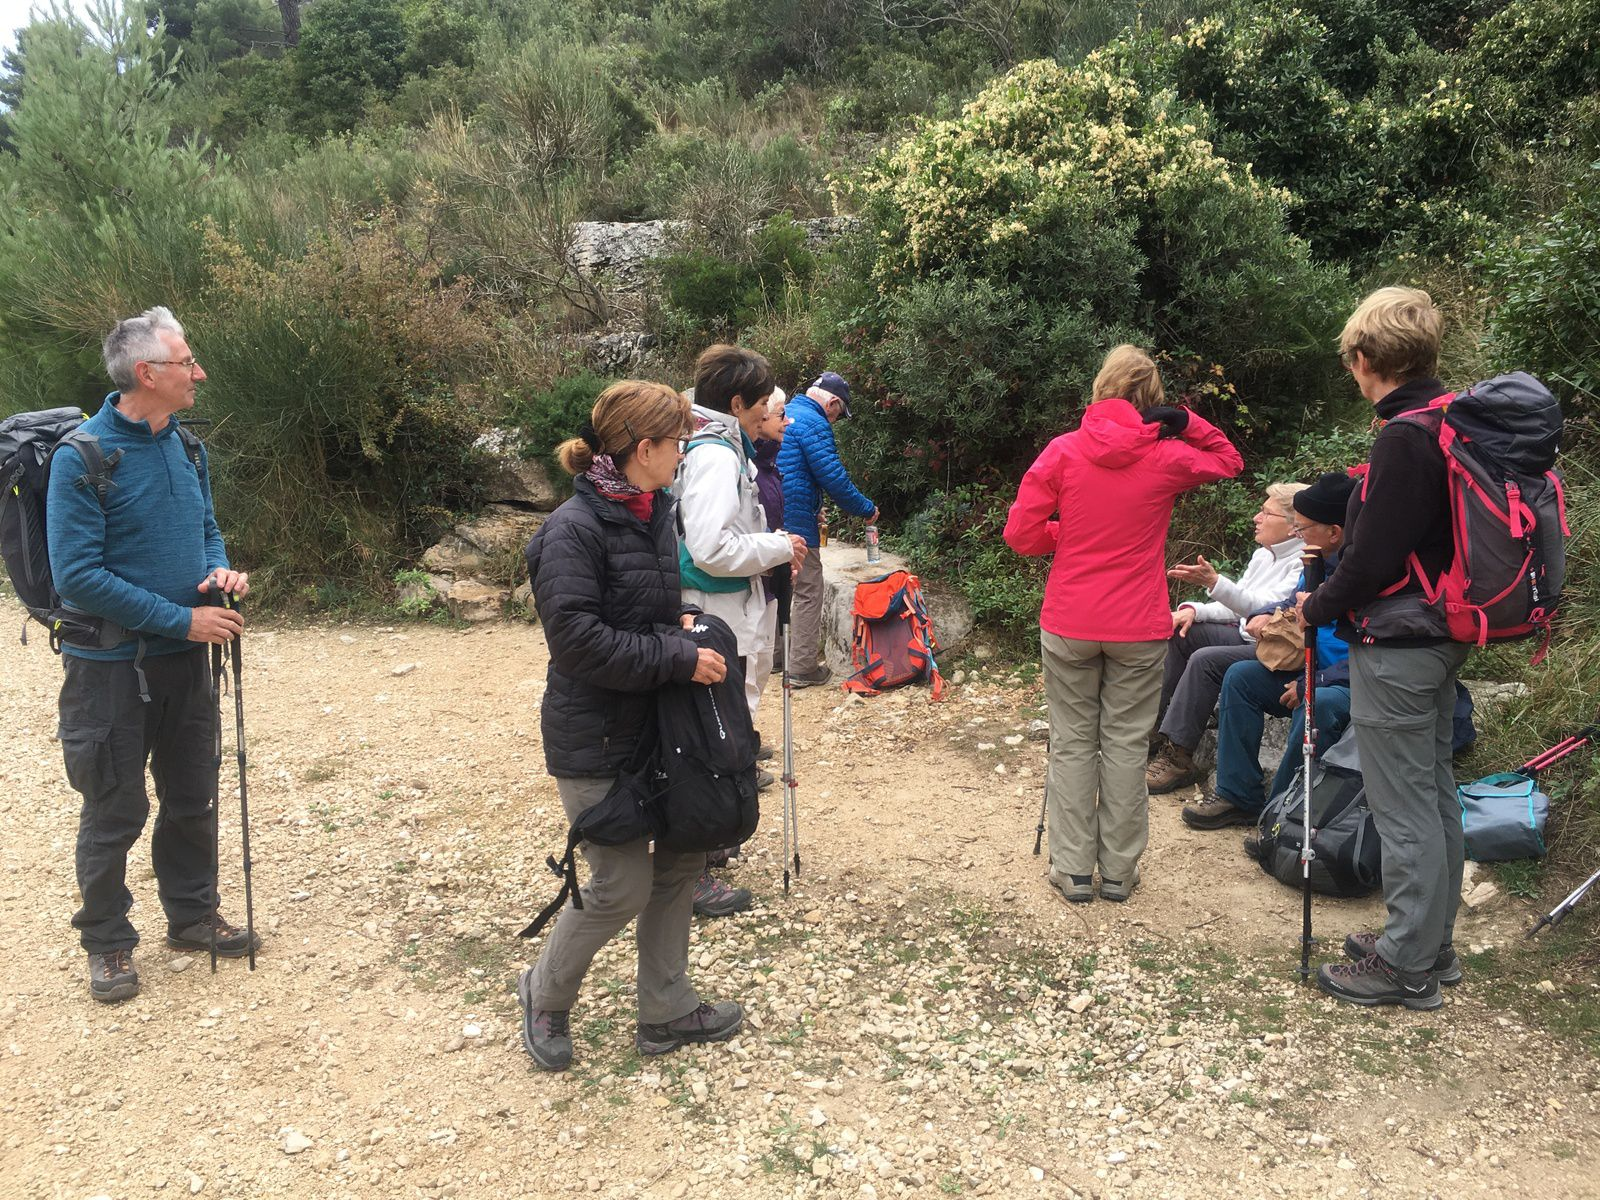 Un petit groupe de 10 dans le parc de la Nègre... Beaucoup de bonne humeur, une superbe journée !!!